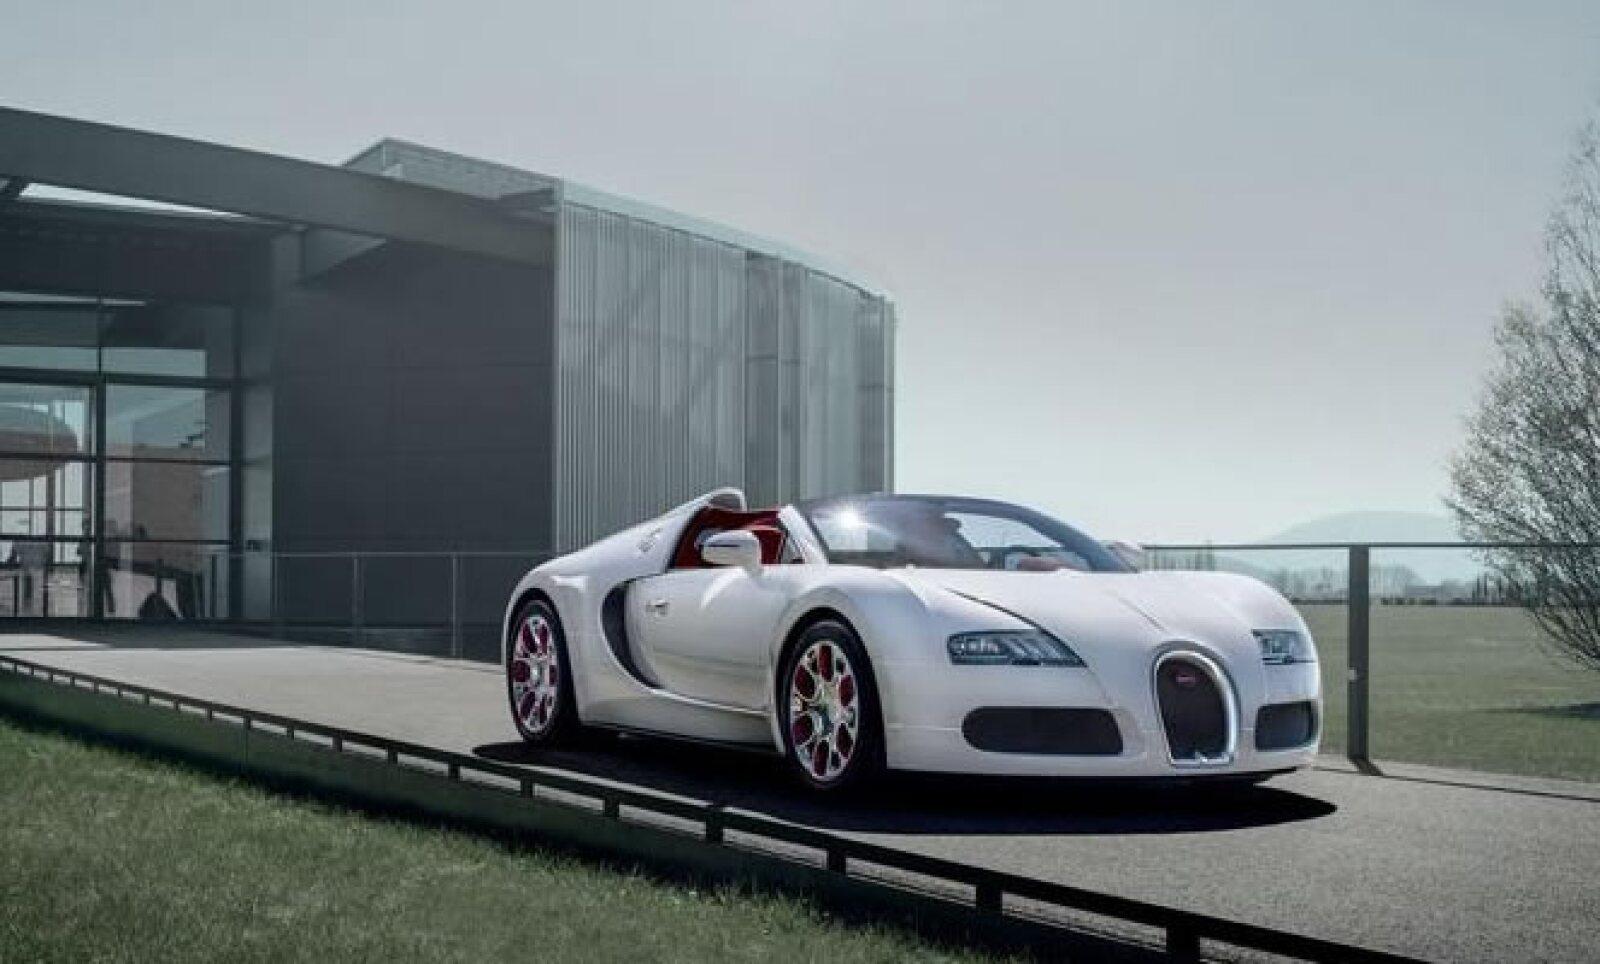 Tiene un motor de 7.9 L W16 con 1,200 caballos de fuerza y su torque es de 1,106 Lb-pie.